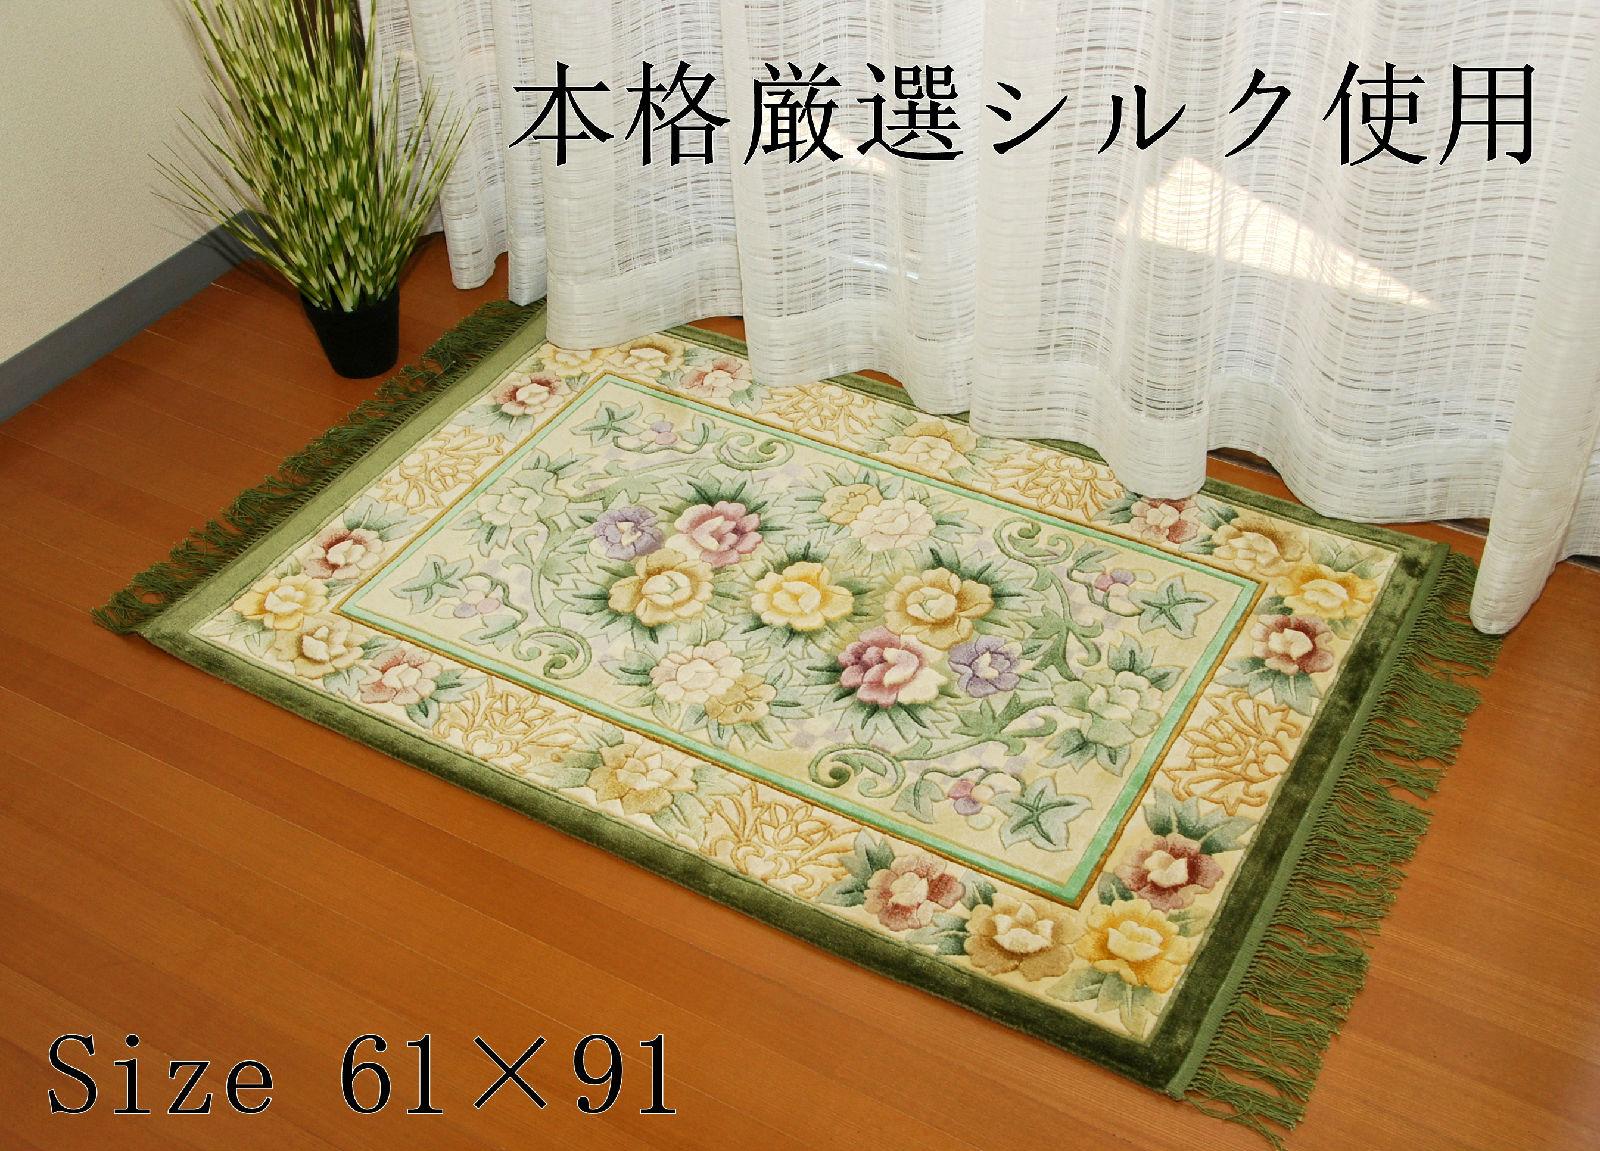 最新デザイン厳選シルク使用!!シルク手織り段通マット61×91グリーン